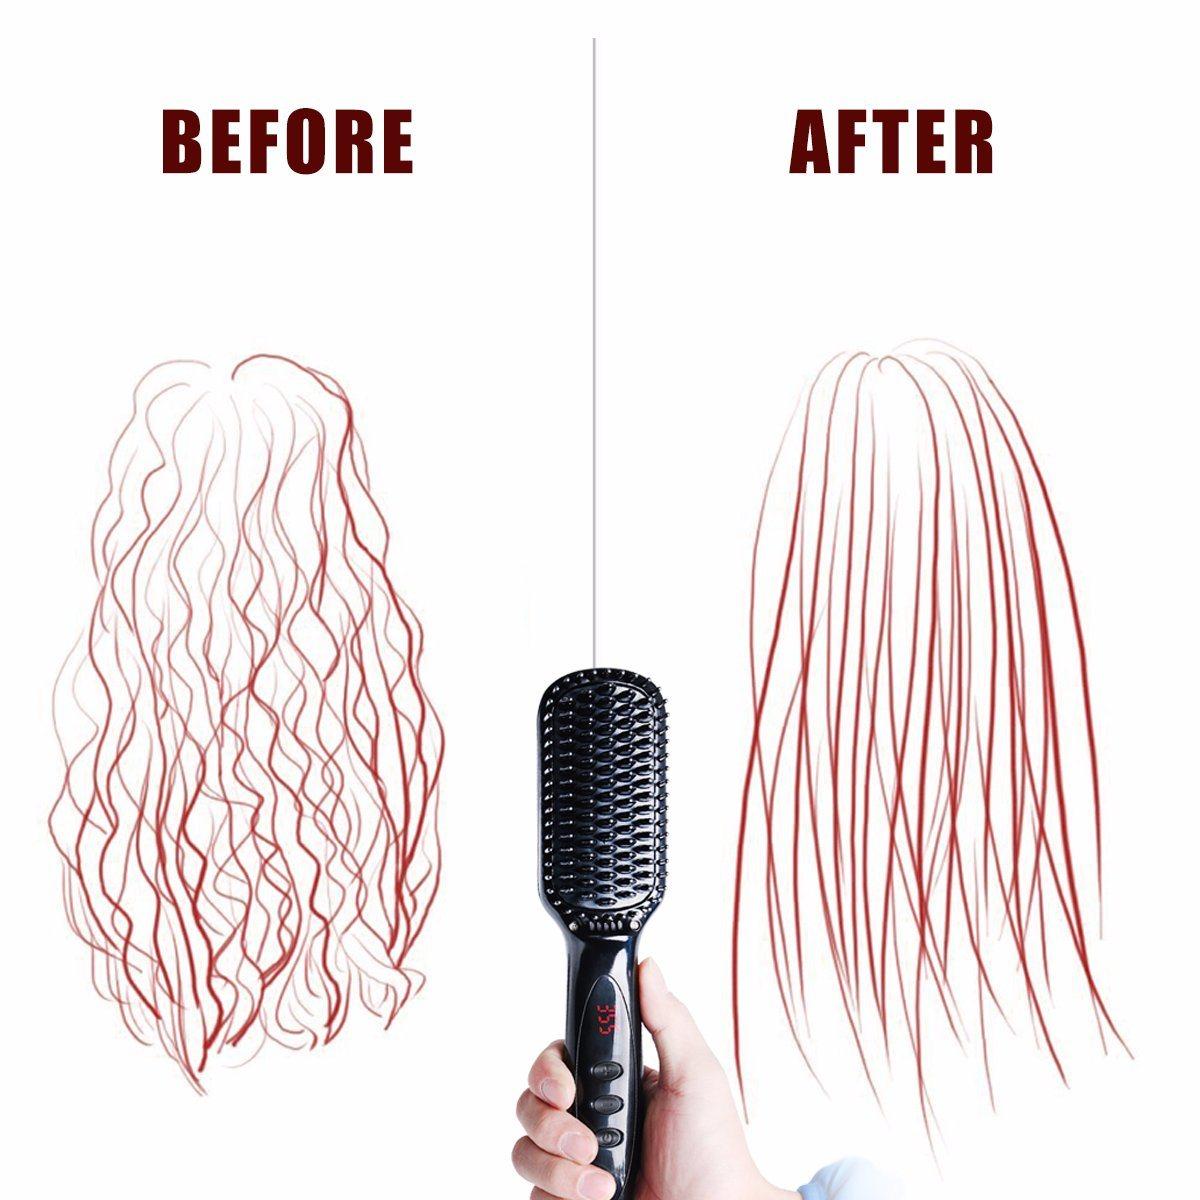 Anion Hair Straightener Brush